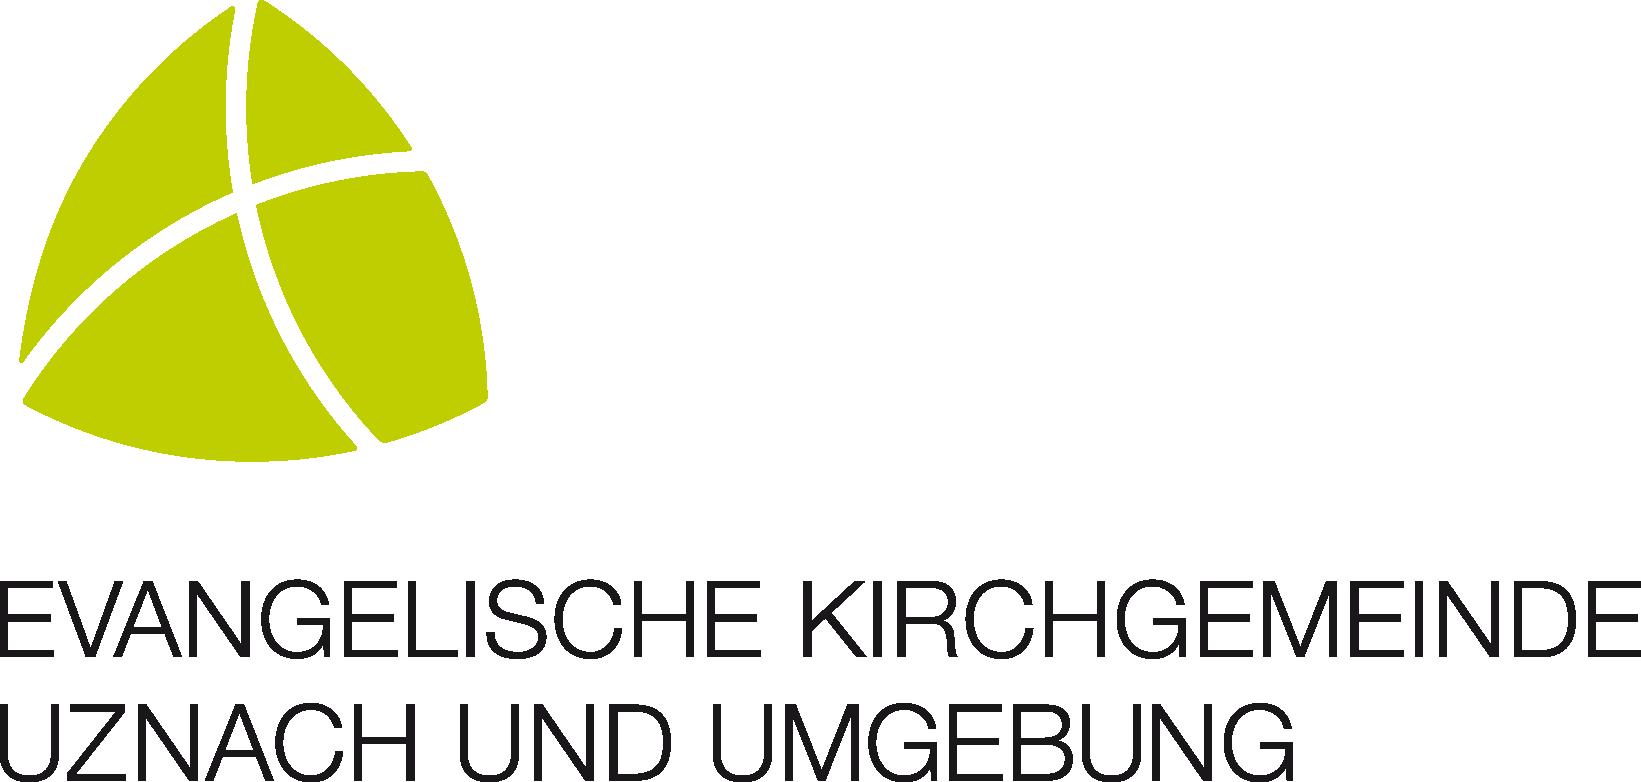 Evangelische Kirchgemeinde Uznach